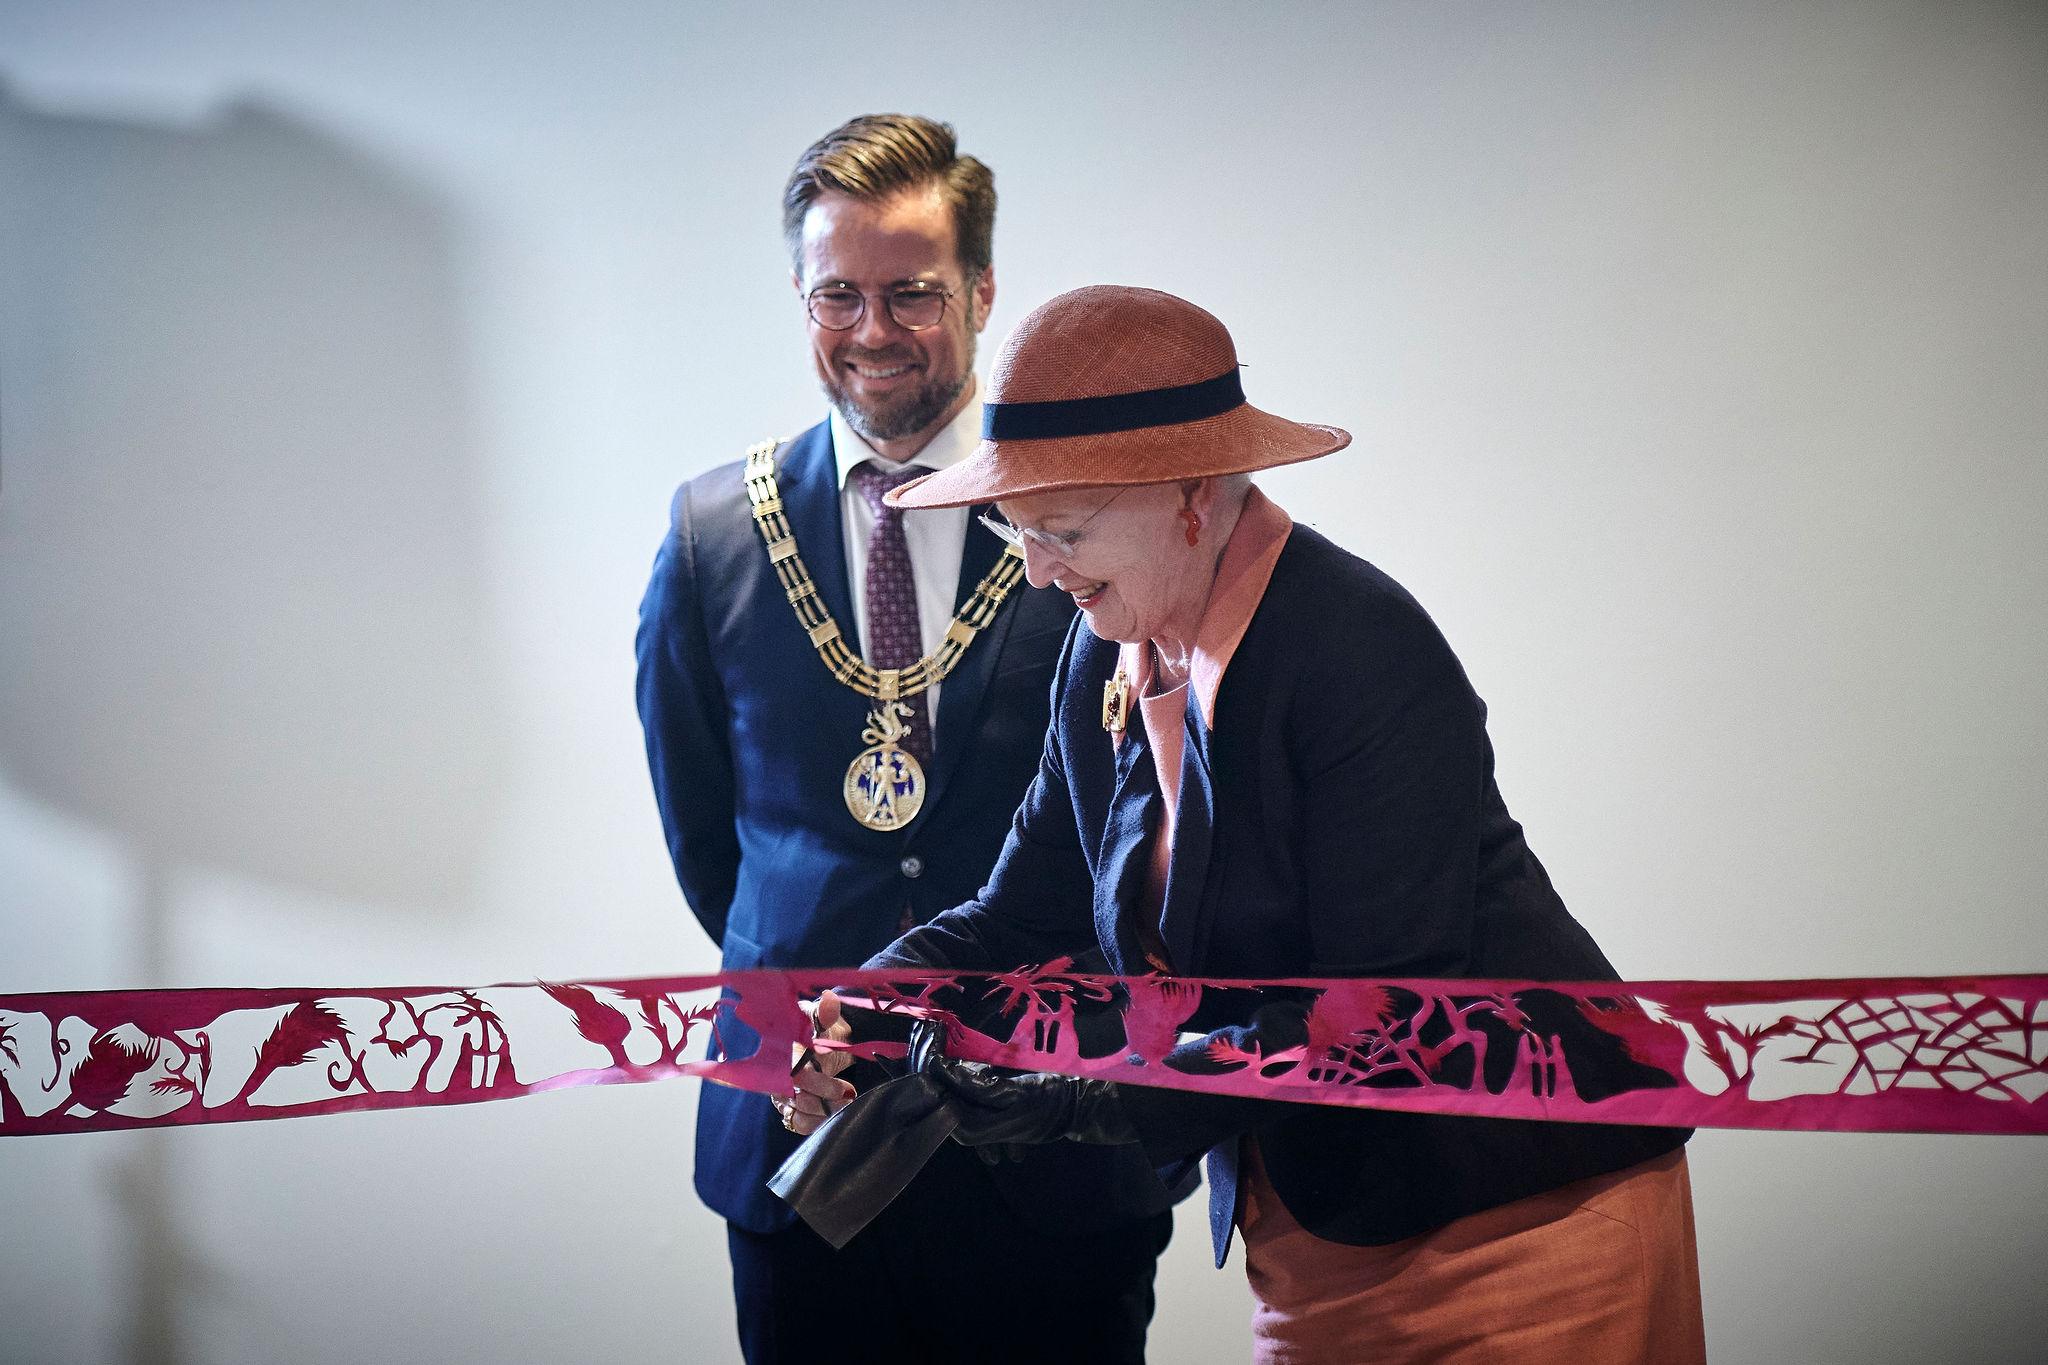 Dronning Margrethe klipper silkesnoren. Odenses borgmester Peter Rahbek. (Foto: Stillwords/HC Andersens Hus